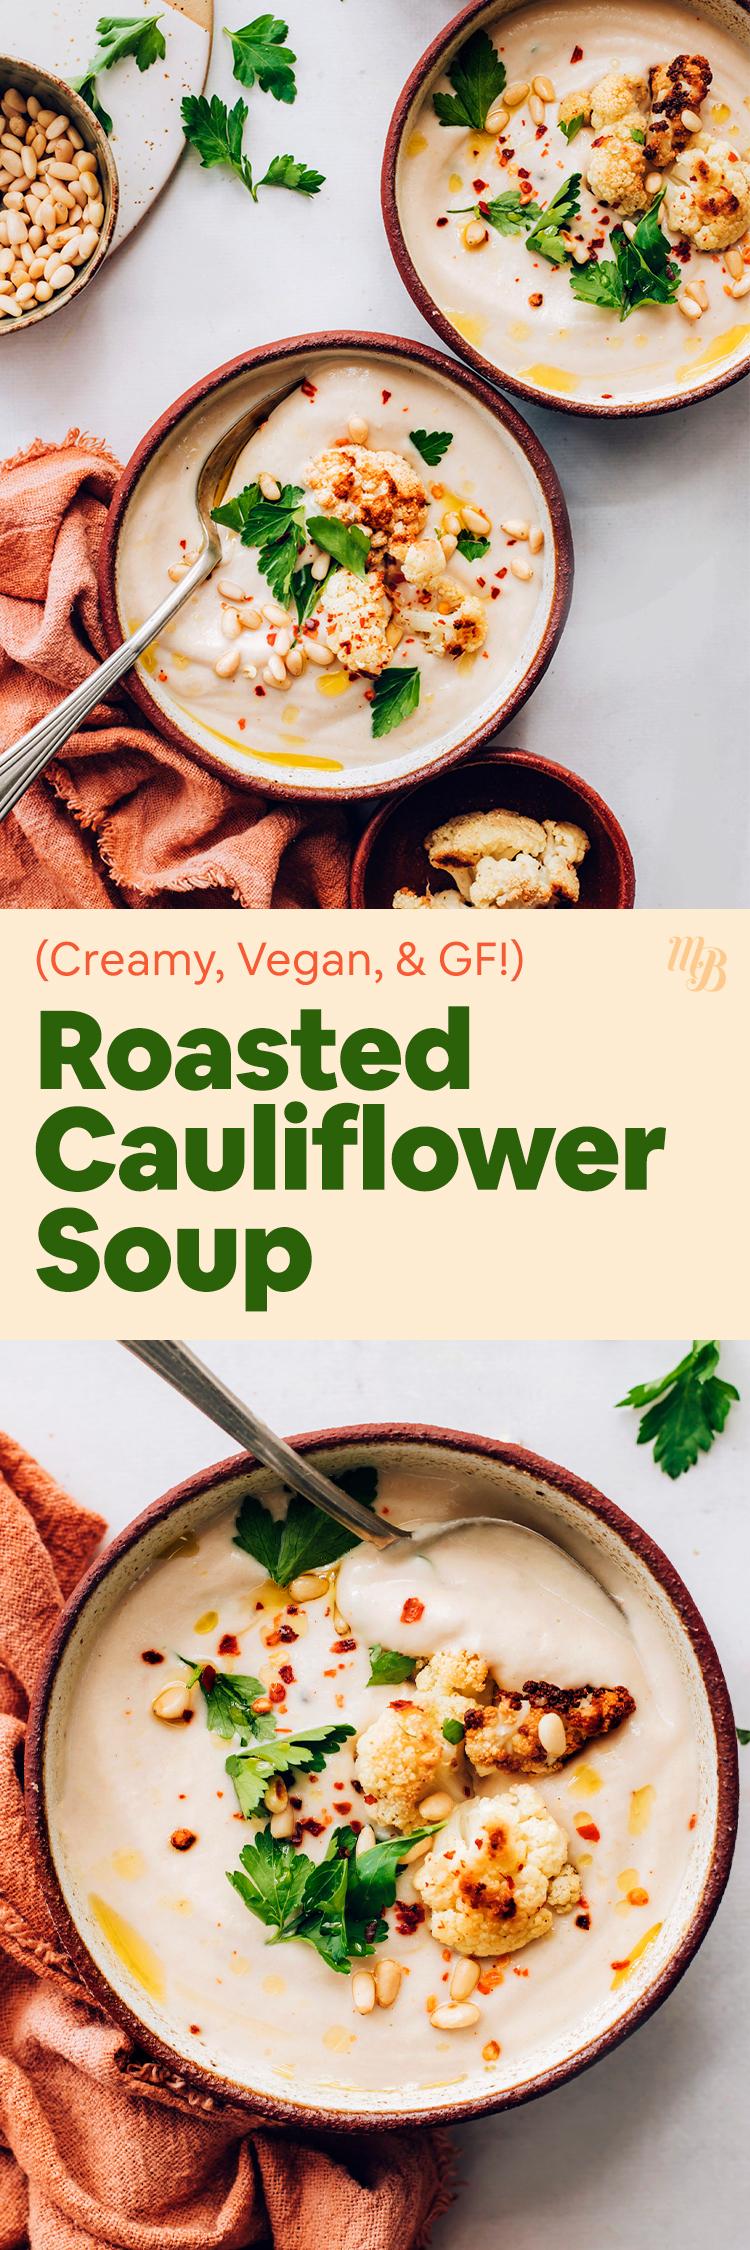 Tál vegán és gluténmentes sült karfiolleves sült karfiol, fenyőmag és koriander darabokkal